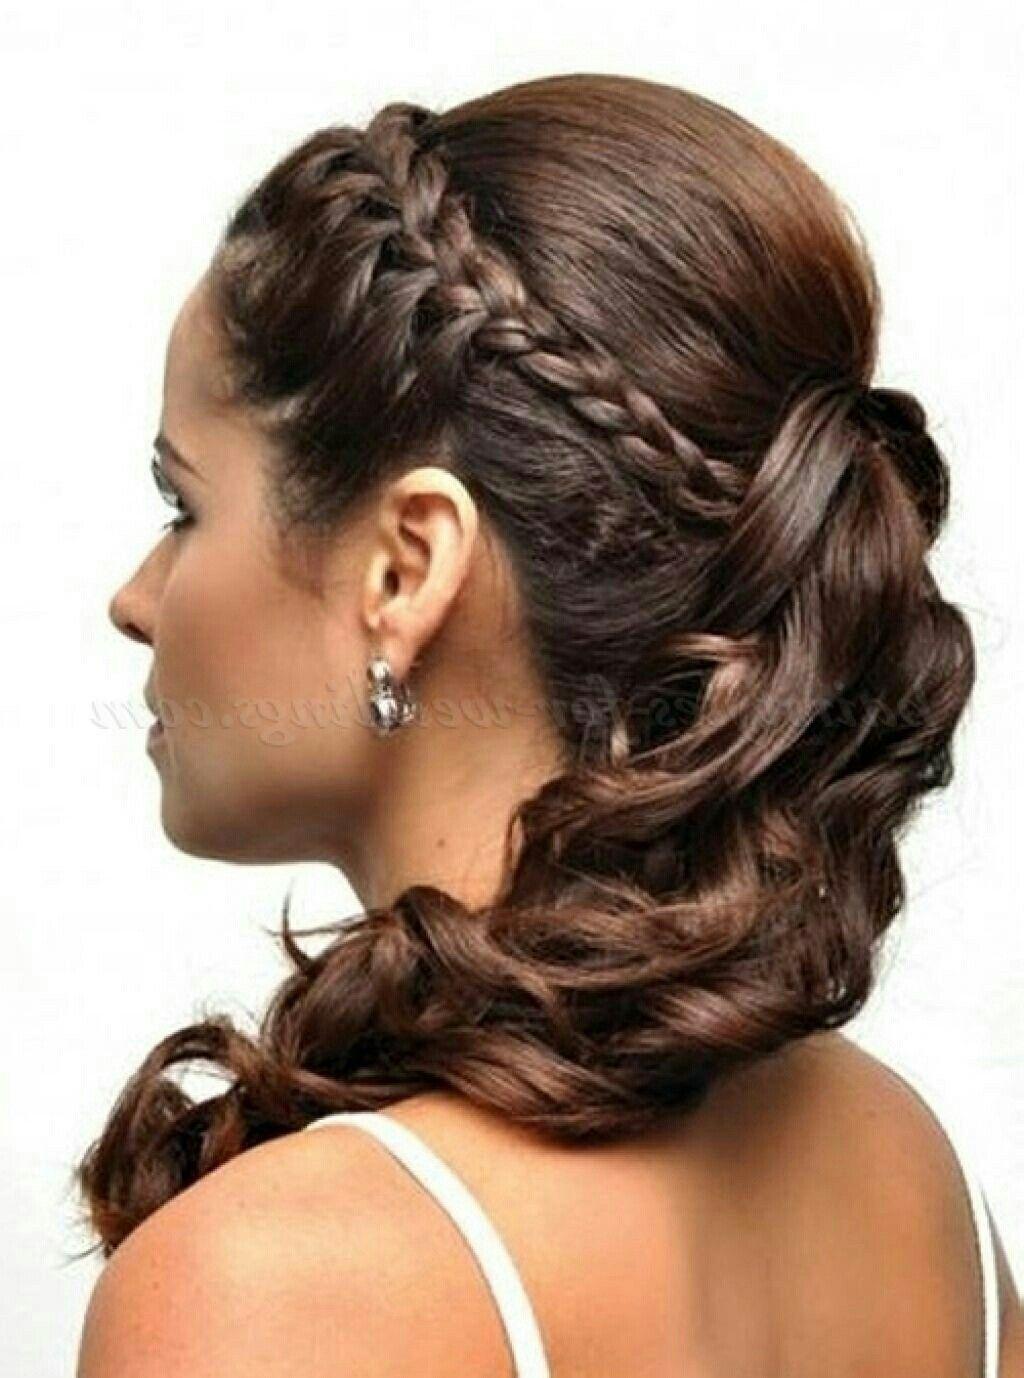 Pin De Monserrath Vega En Wedding Hair Make Up Nails Peinado Semirecogido Con Trenzas Peinados Peinados Poco Cabello